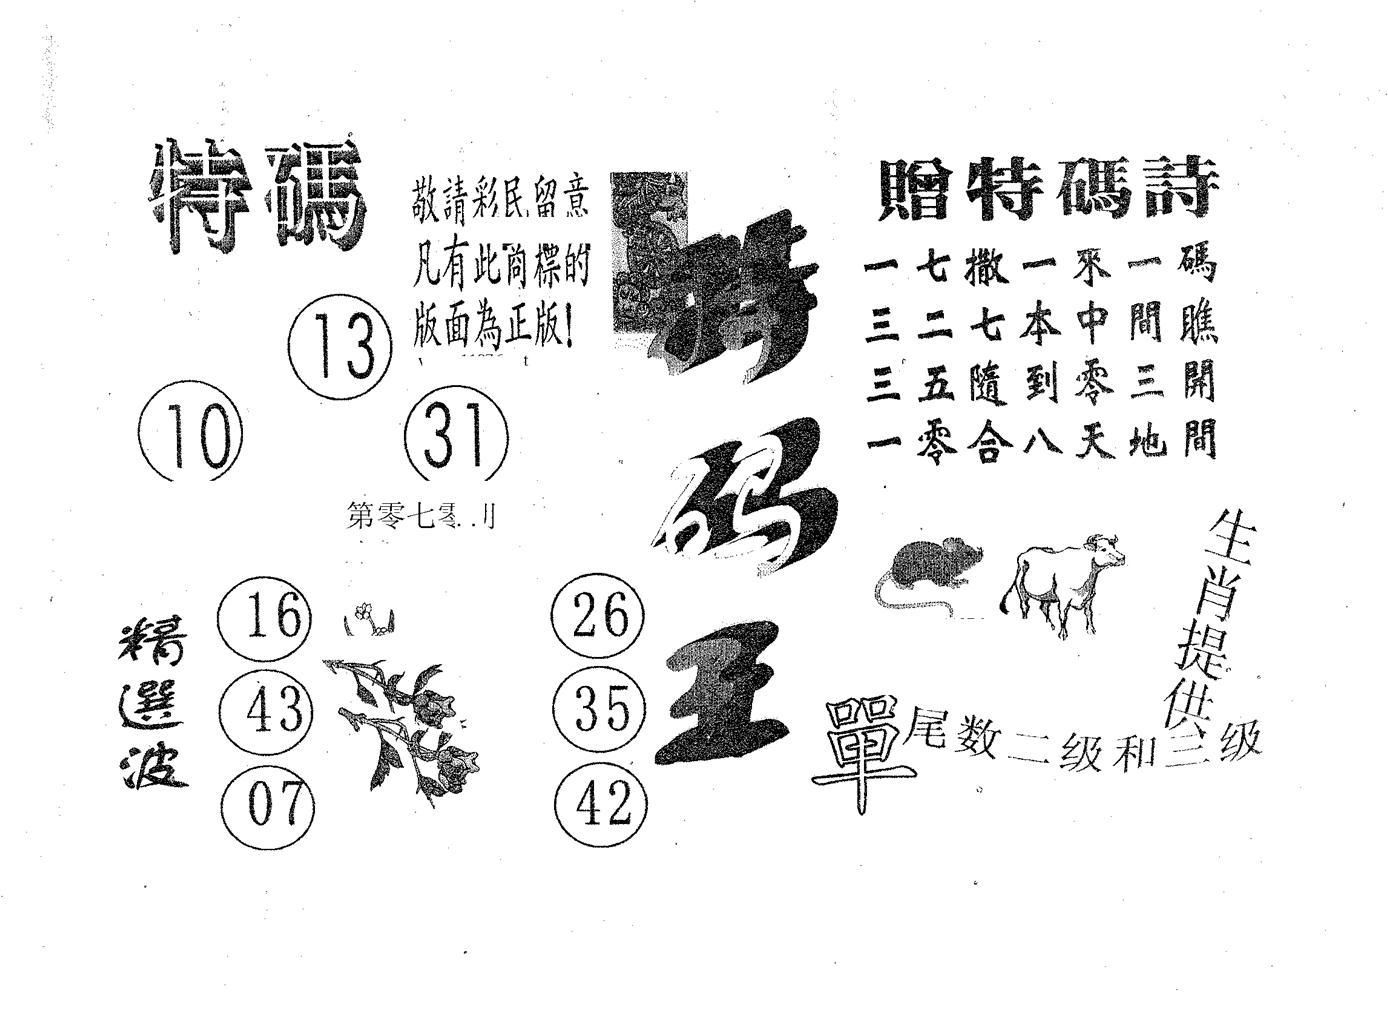 070期特码王A(黑白)